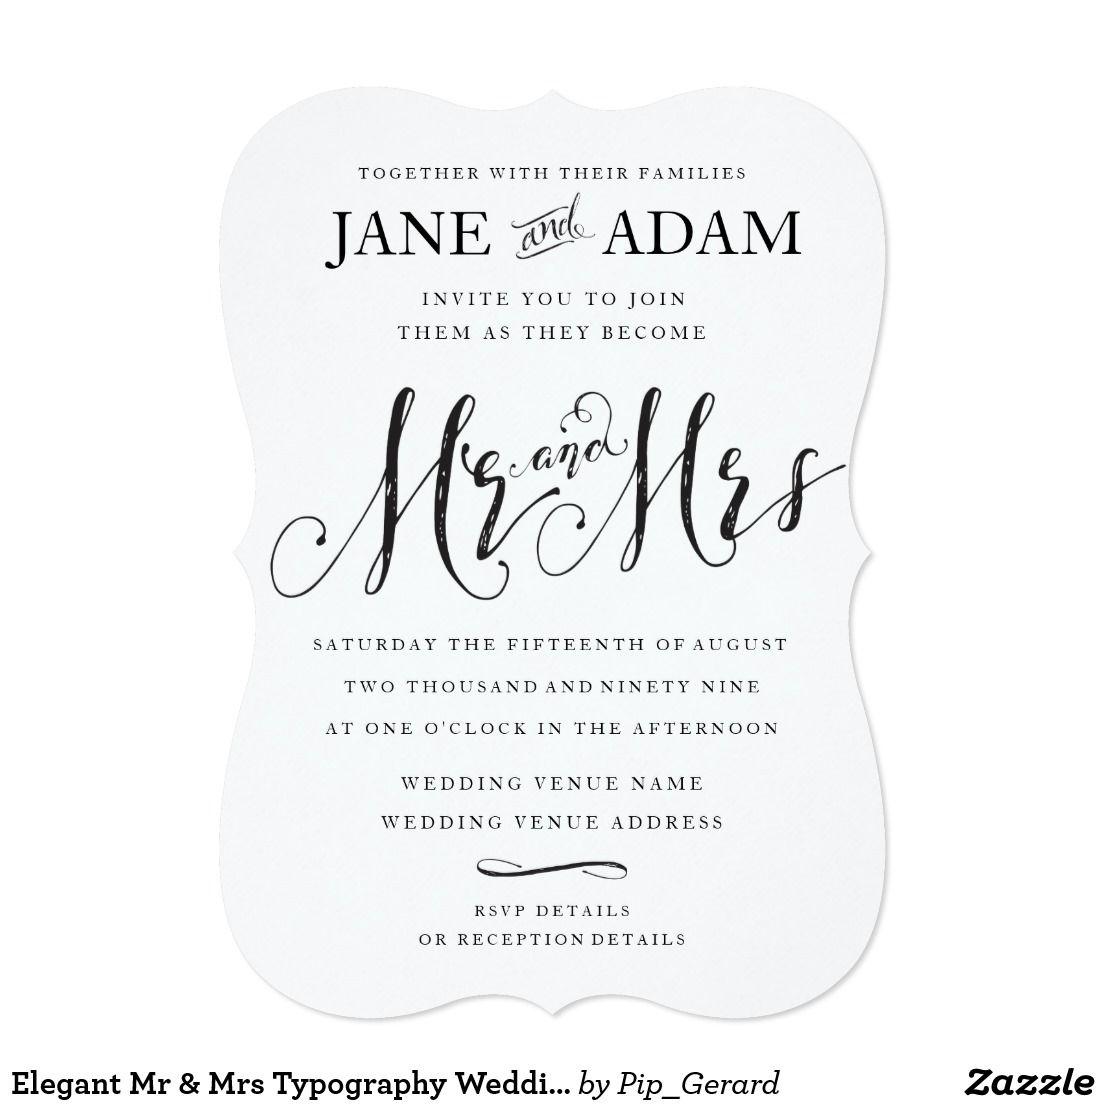 Elegant Mr & Mrs Typography Wedding Invitation | Wedding ...